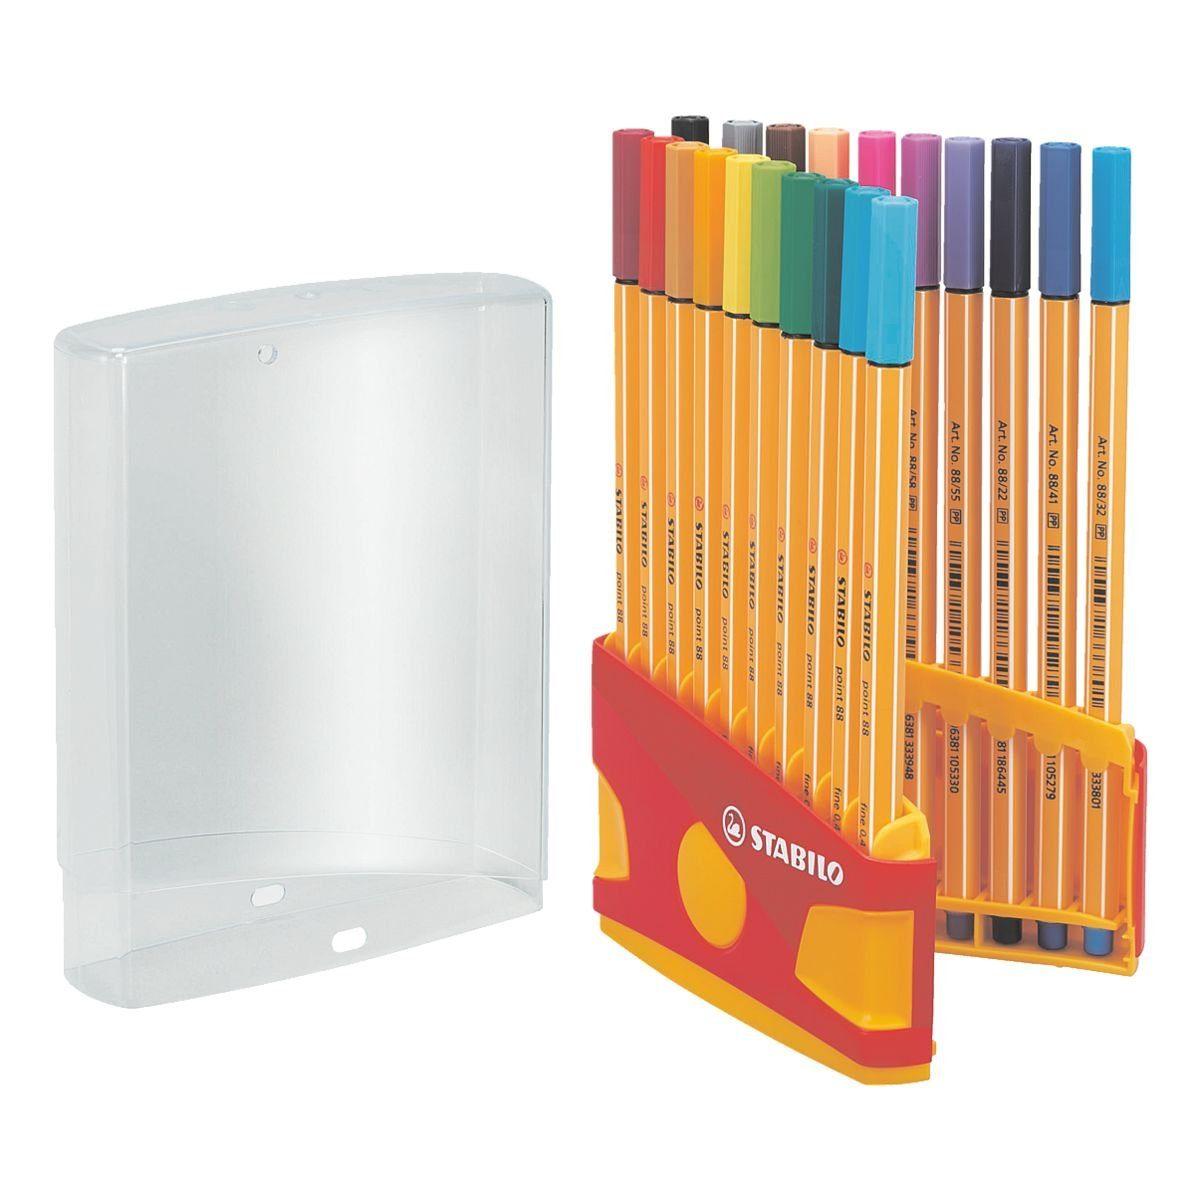 Stabilo 20er-Pack Fineliner »Point 88 - Color Parade«